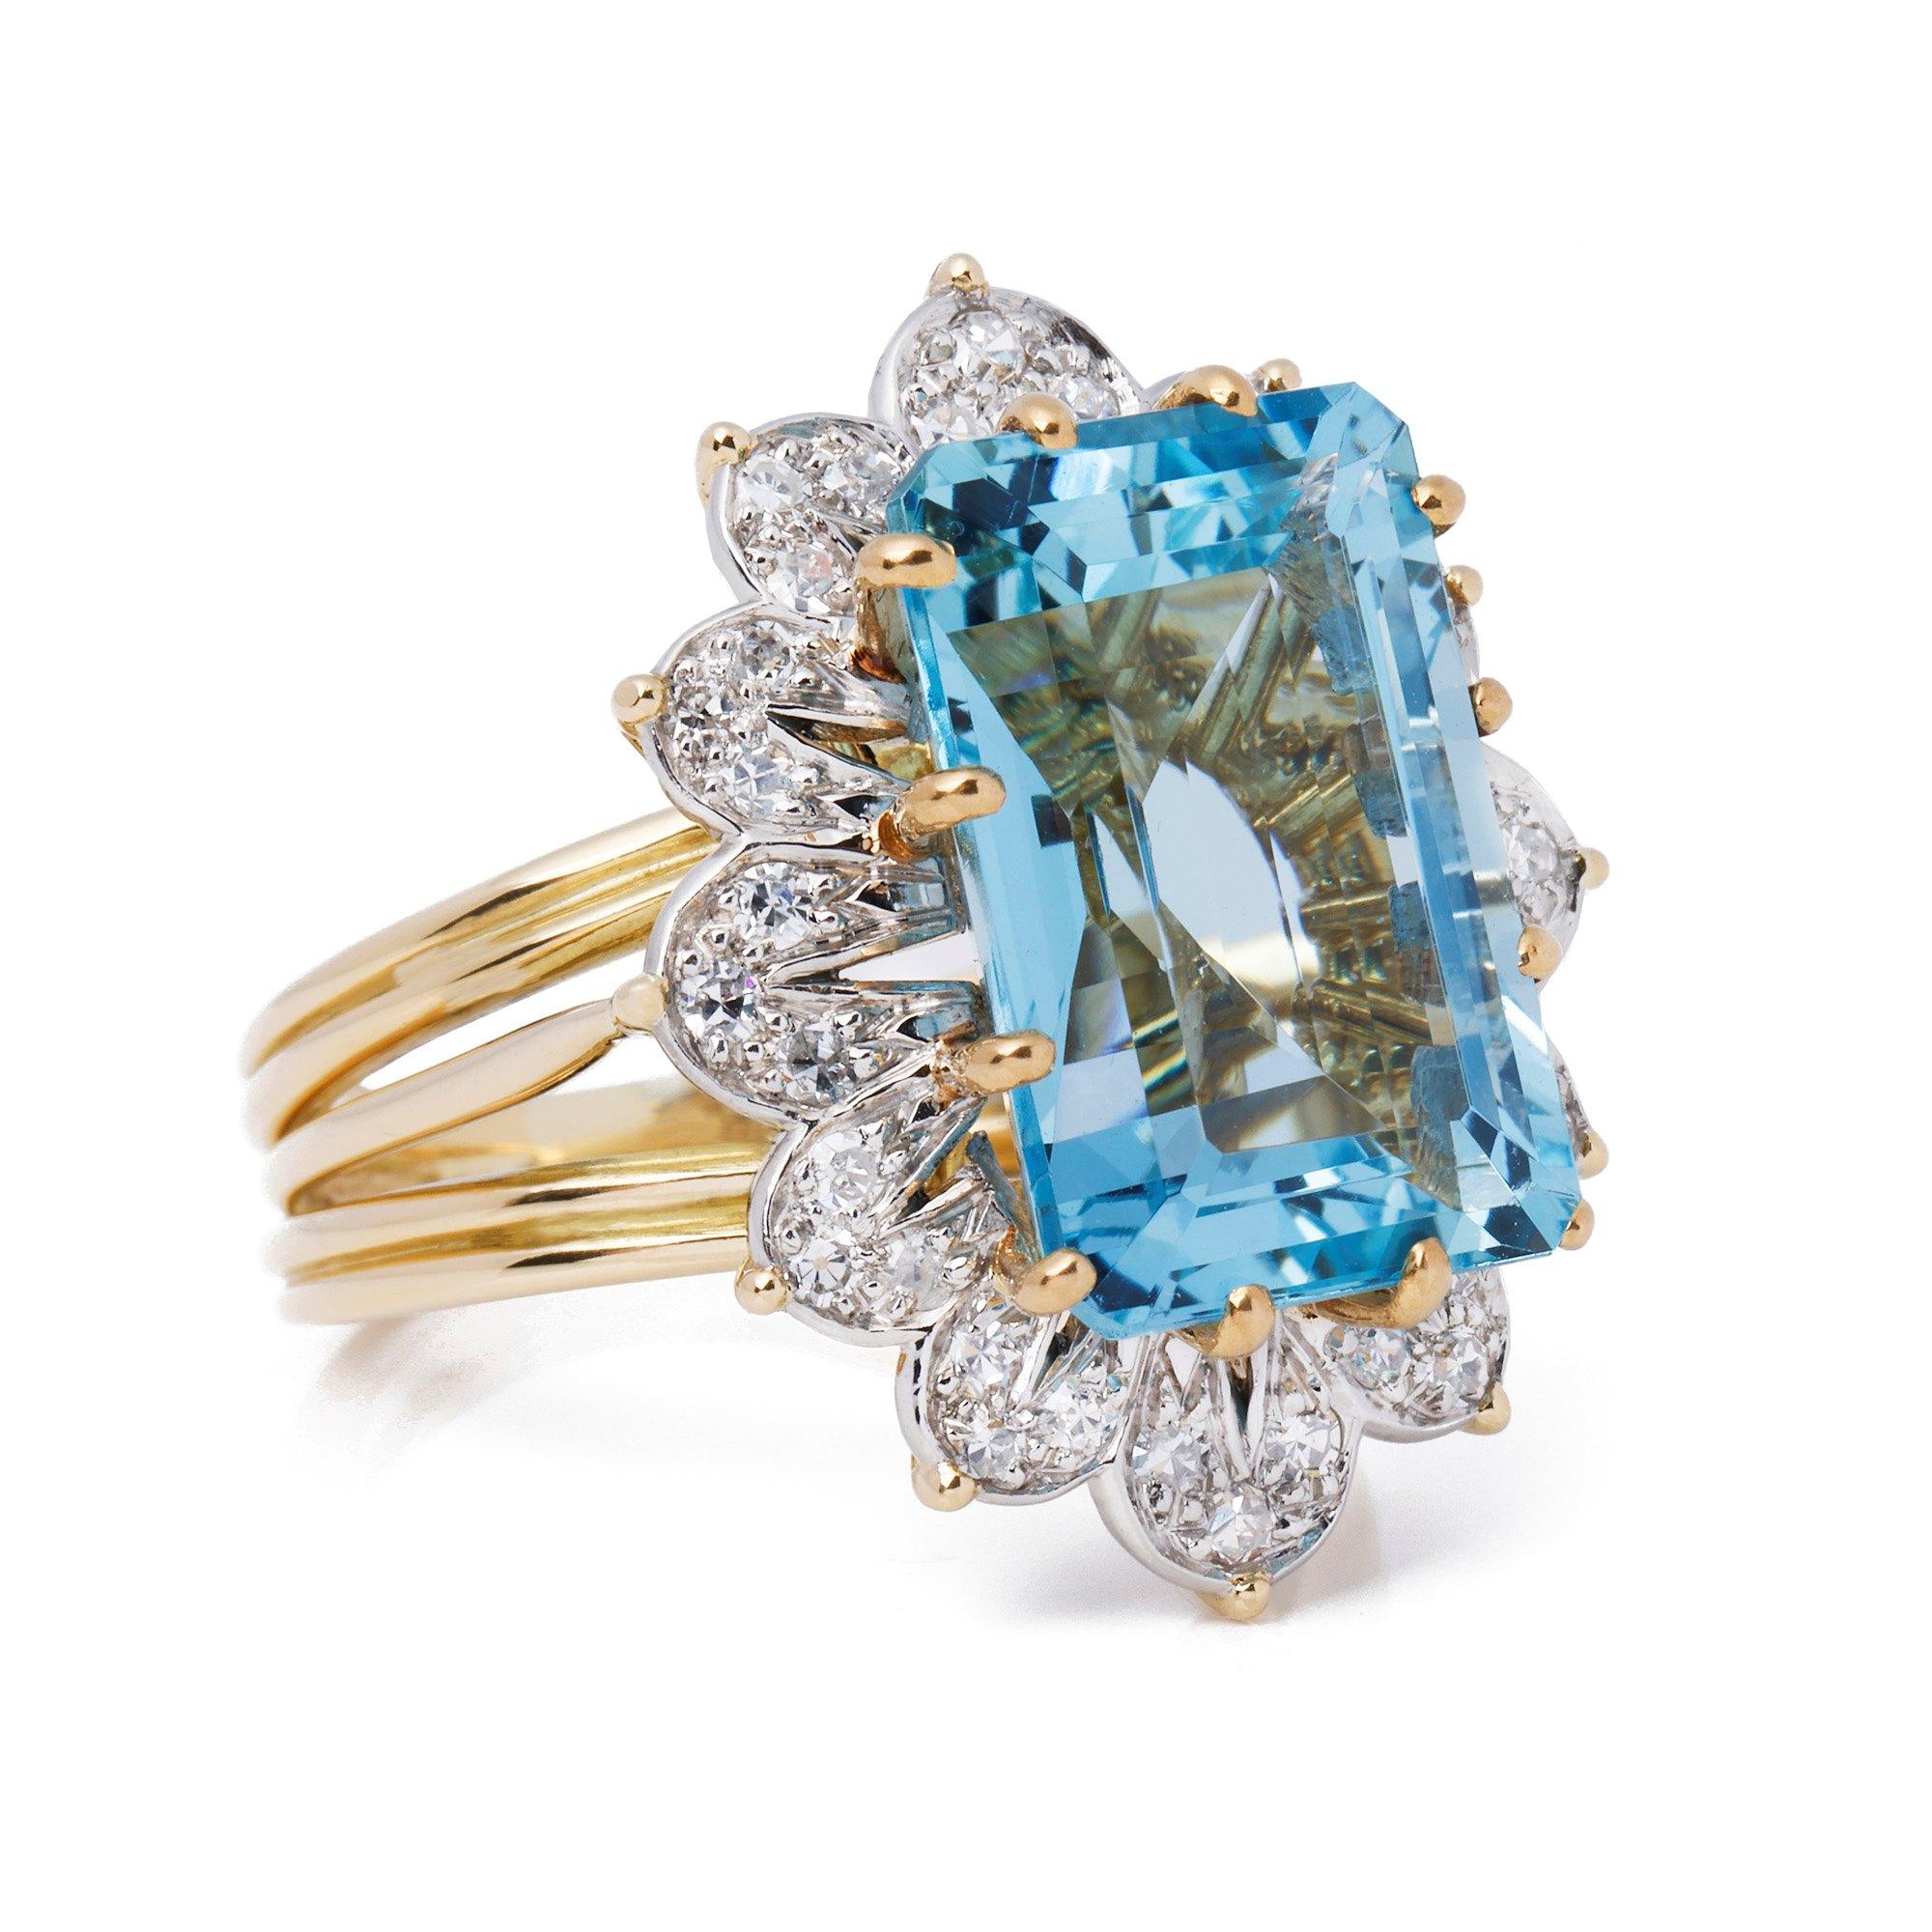 Cartier Monture Vintage Aquamarine & Diamond Ring